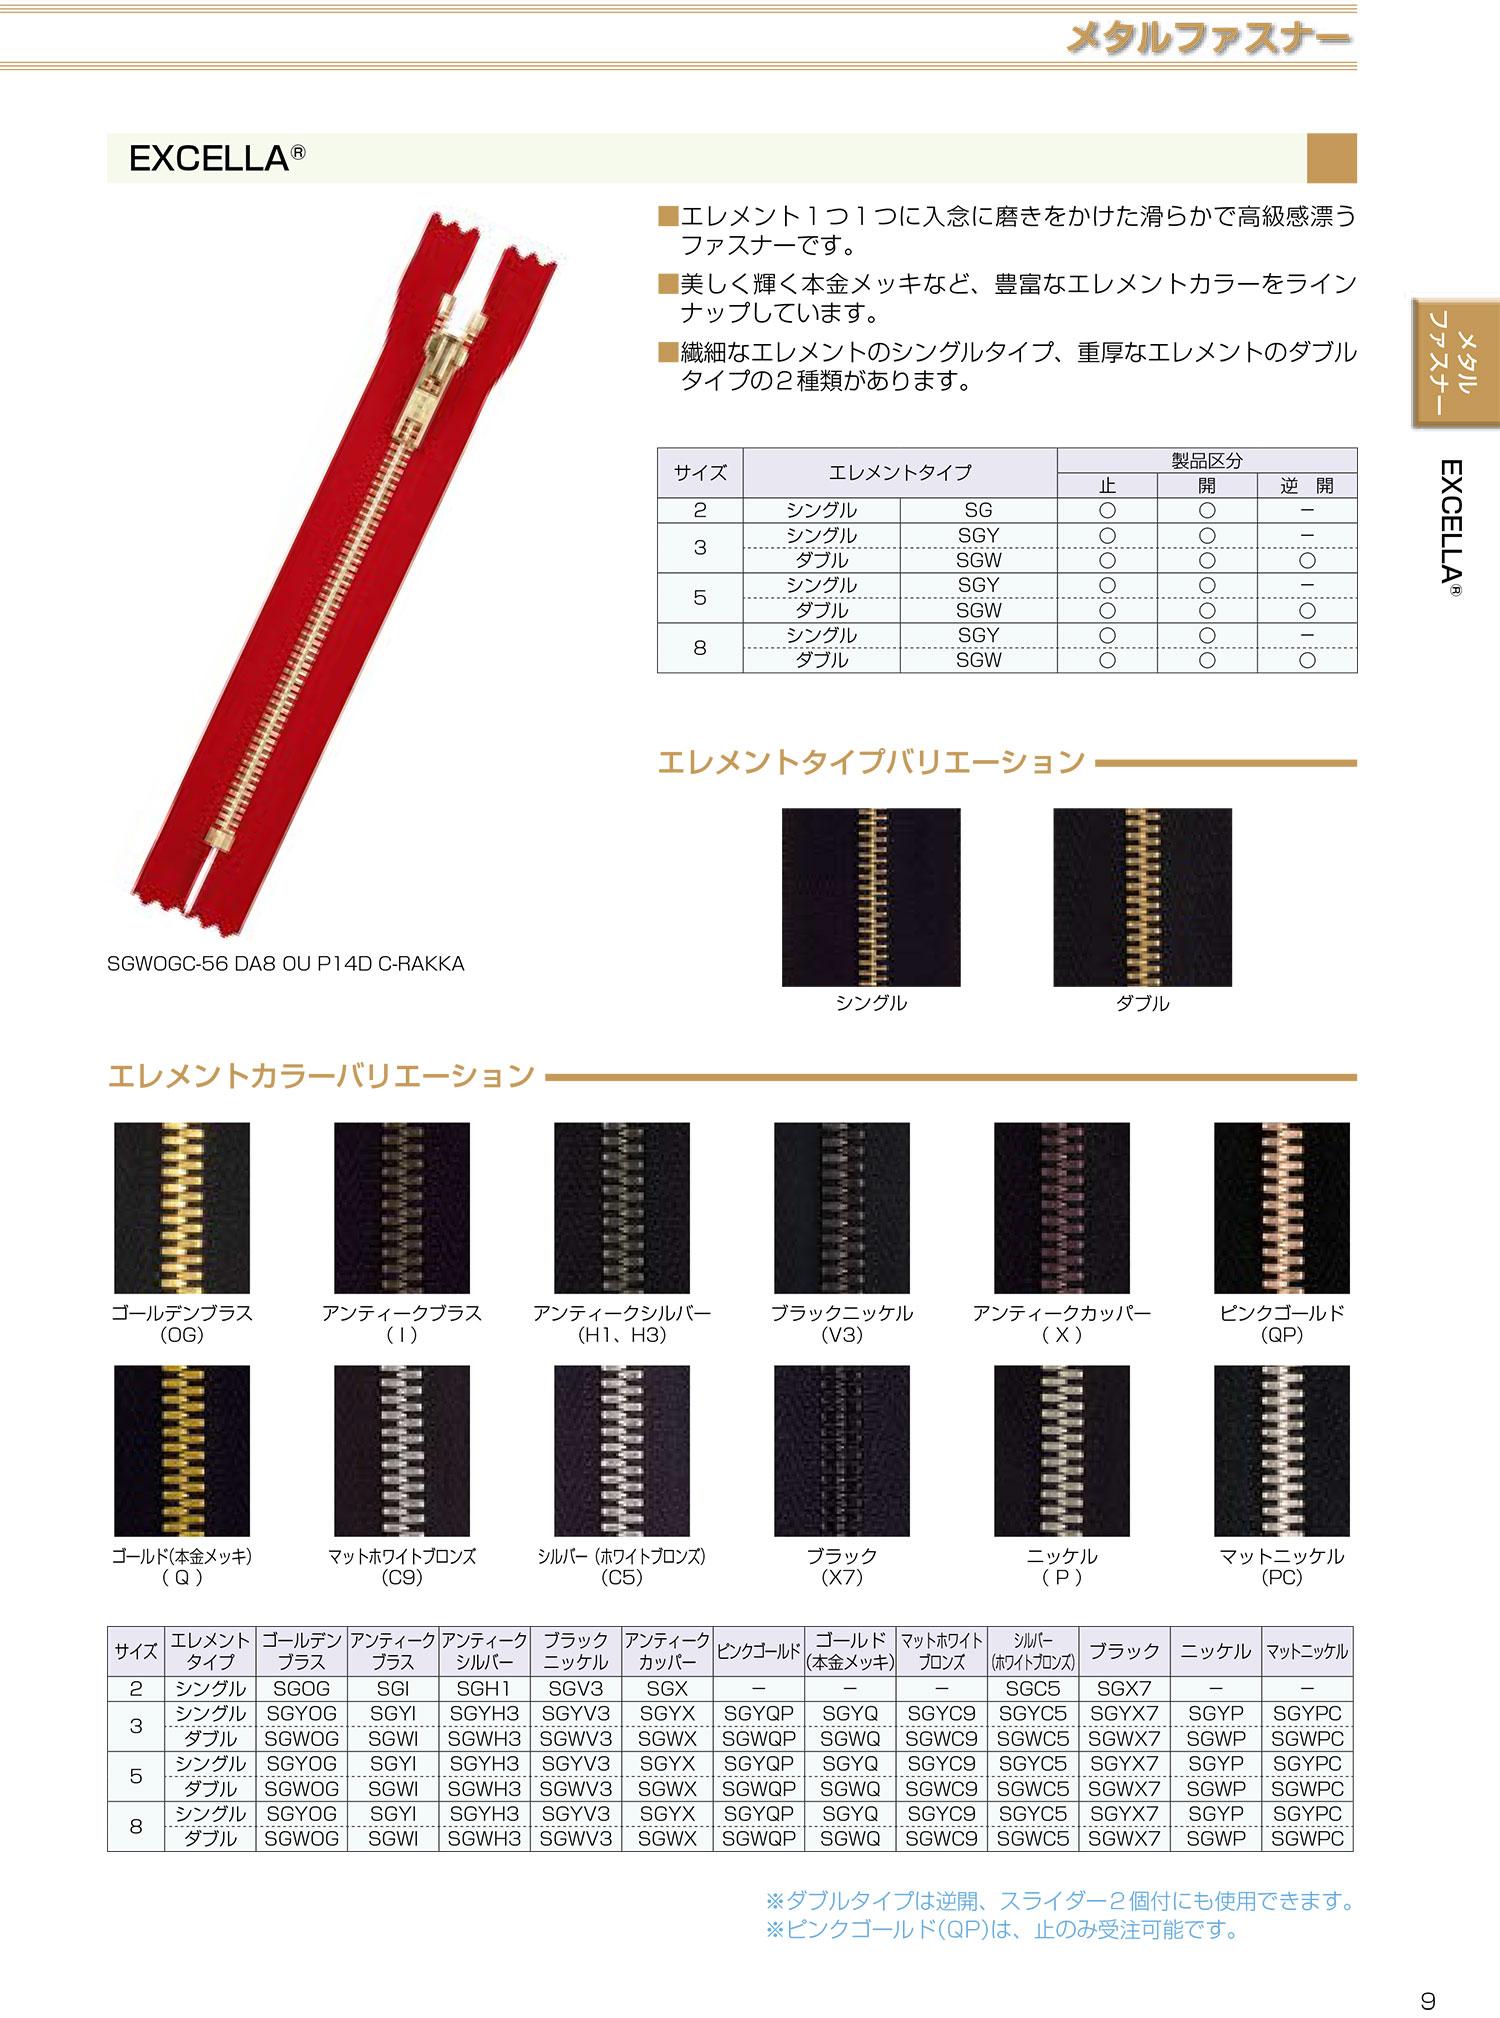 3SGYH3C エクセラ 3サイズ アンティークシルバー 止め シングル[ファスナー] YKK/オークラ商事 - ApparelX アパレル資材卸通販